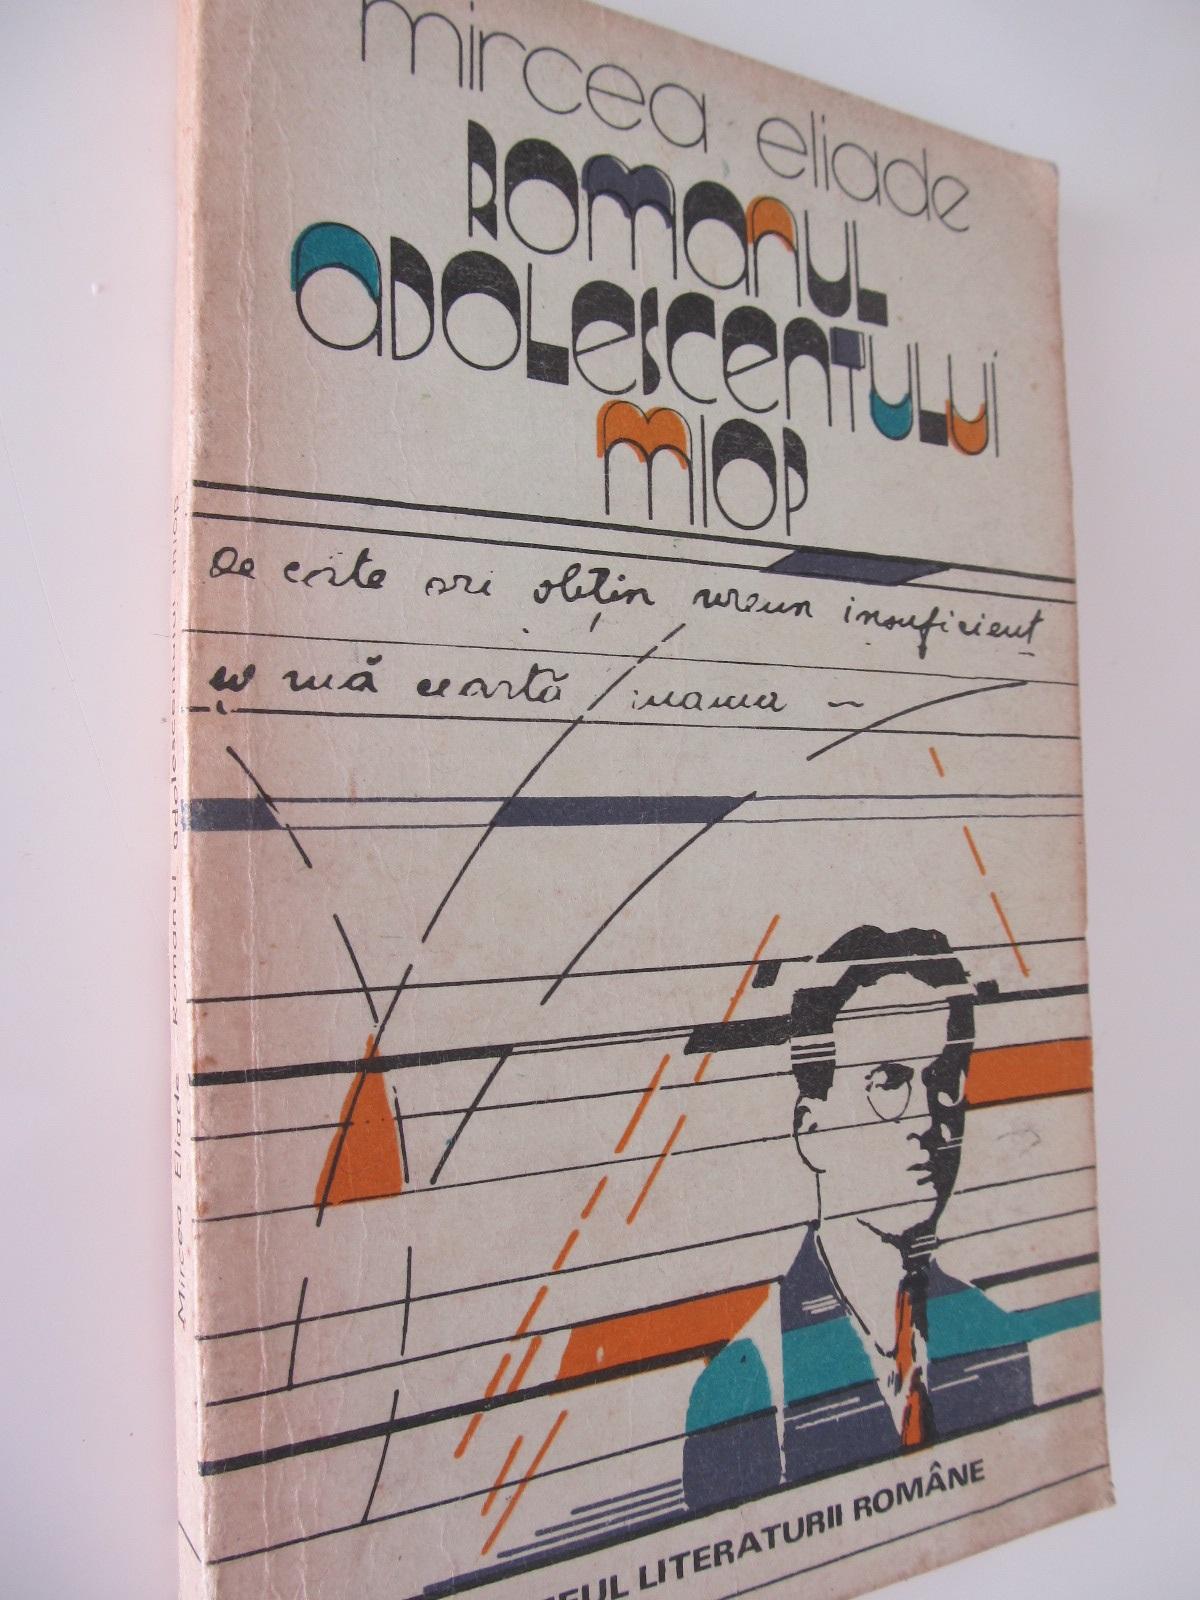 Romanul adolescentului miop - Mircea Eliade   Detalii carte